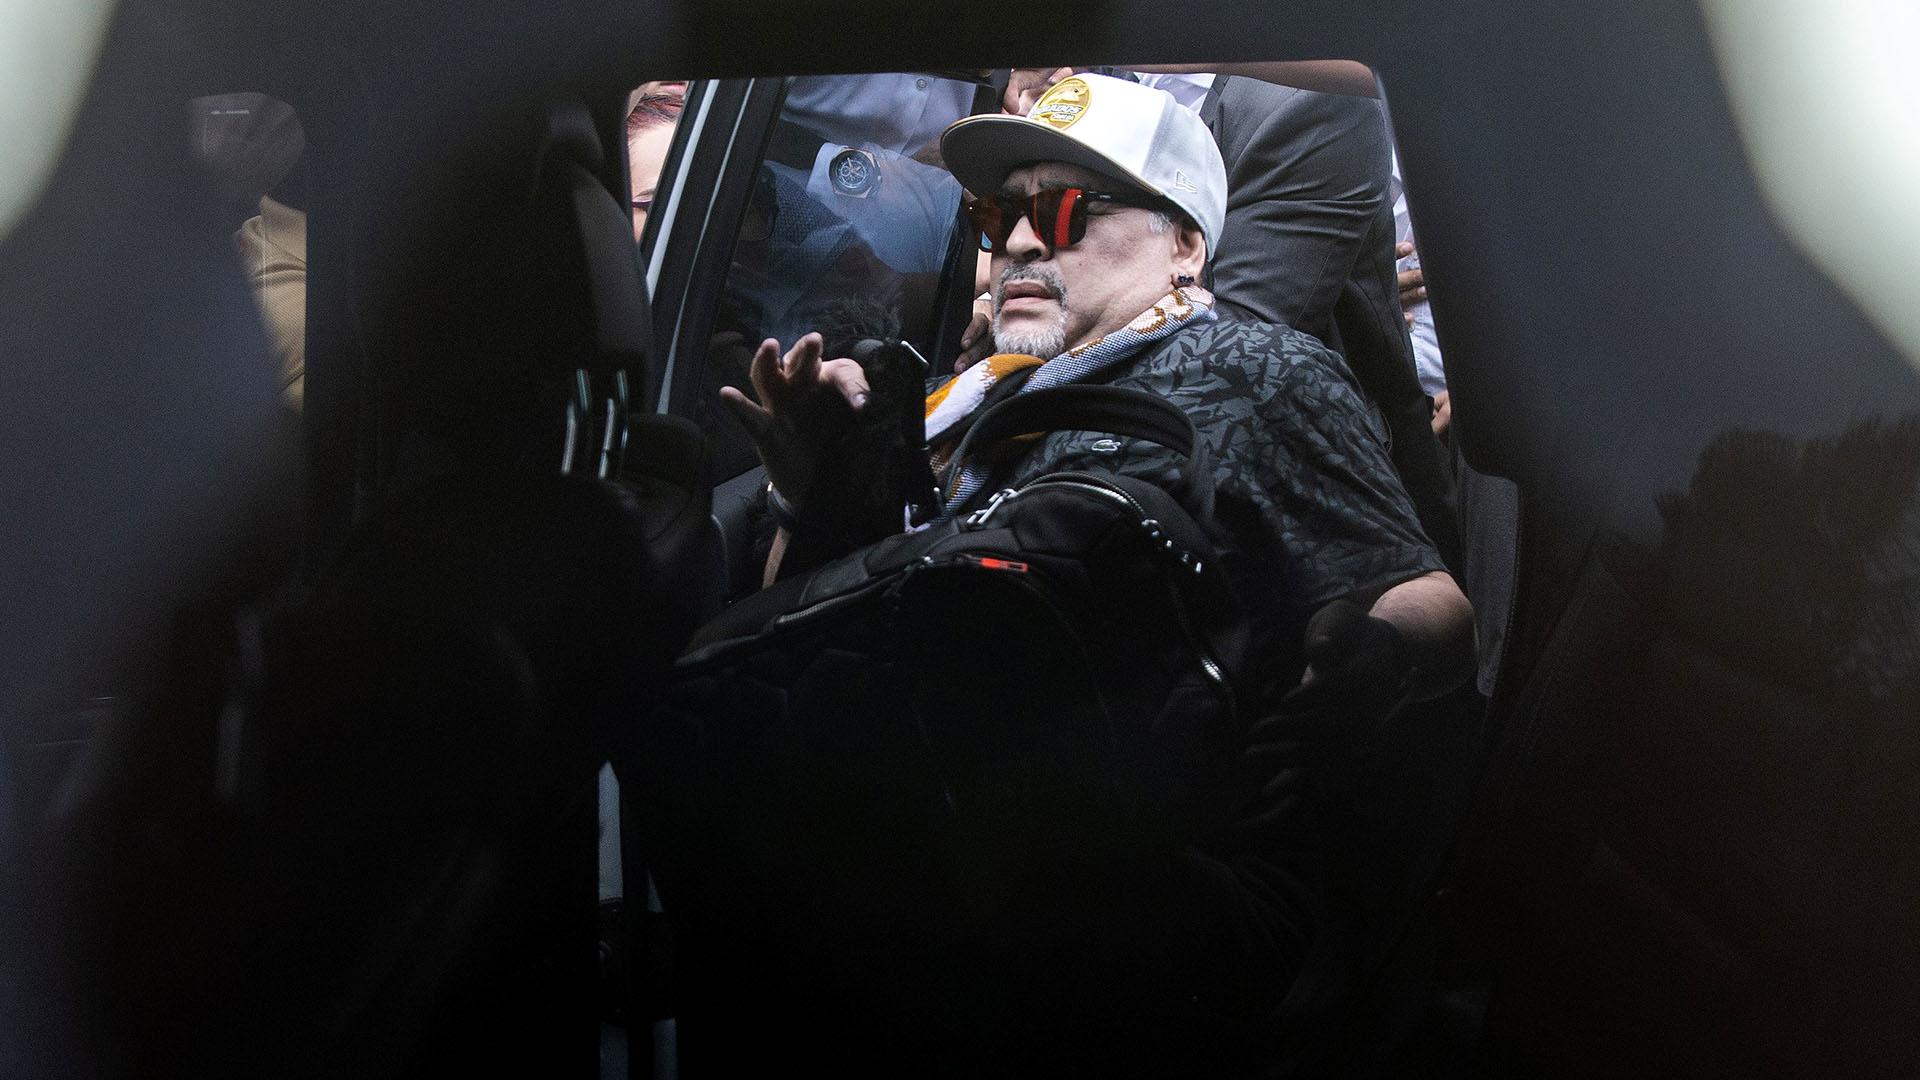 Diego Maradona ingresa a un automóvil a su llegada al aeropuerto internacional de Culiacán, estado de Sinaloa, México. Fue rodeado por cientos de fanáticos (AFP)